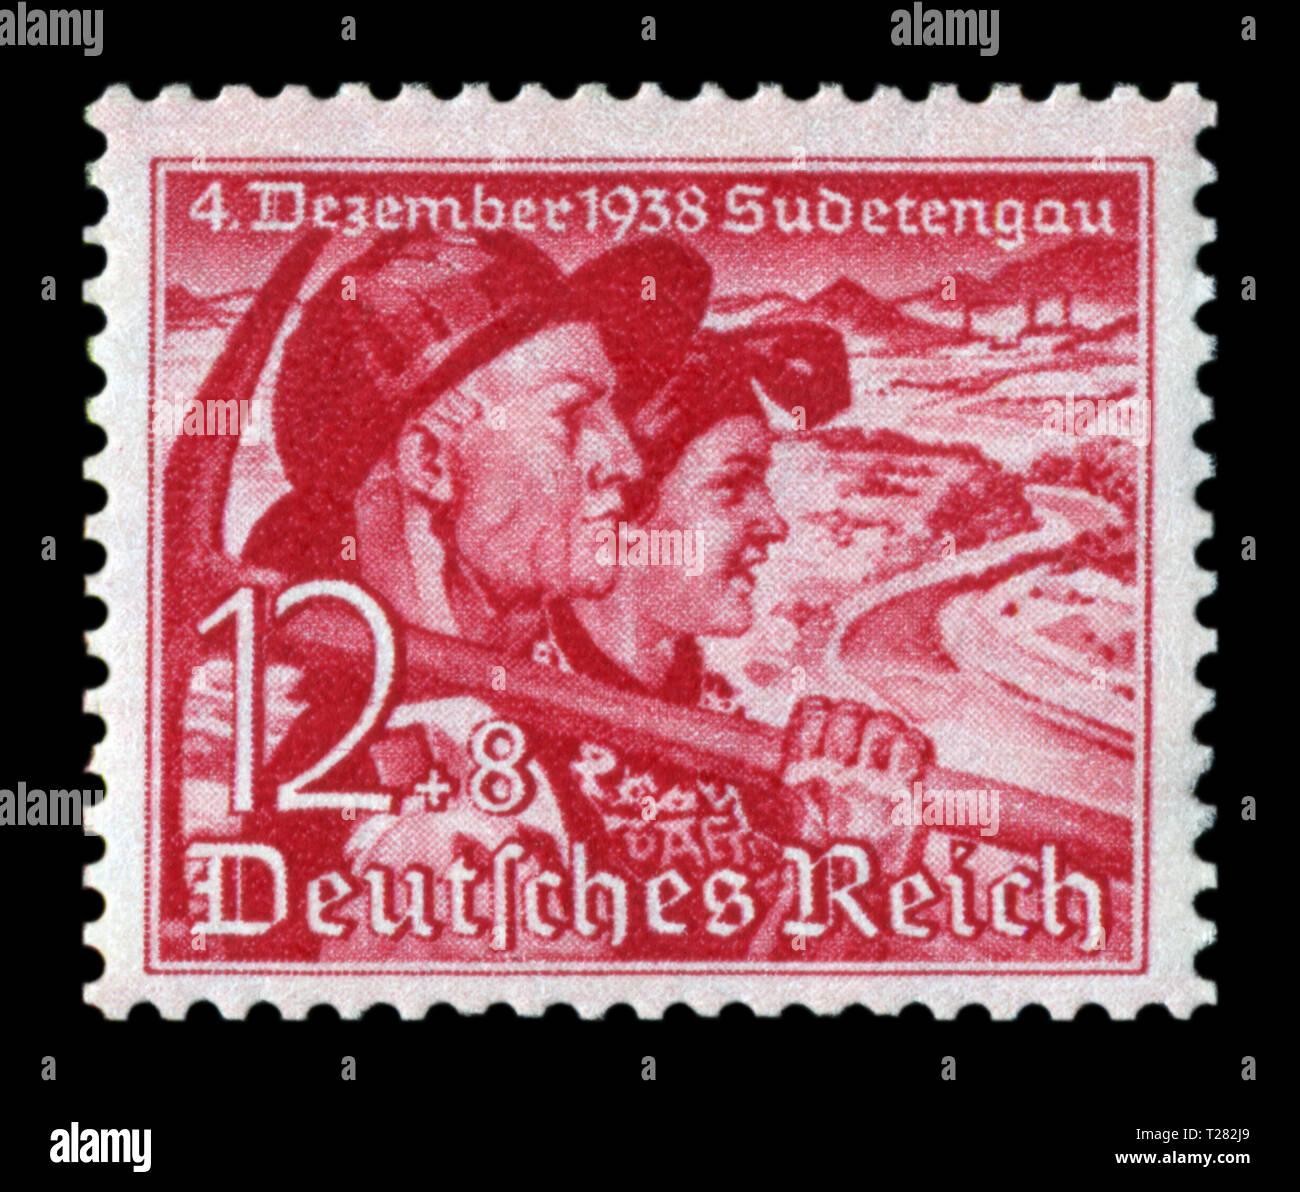 Sello histórico alemán: plebiscito sobre la adhesión de los Sudetes. Pareja. Miner con un pico y una mujer campesina, 12+8 pf, número 1938, Alemania Foto de stock